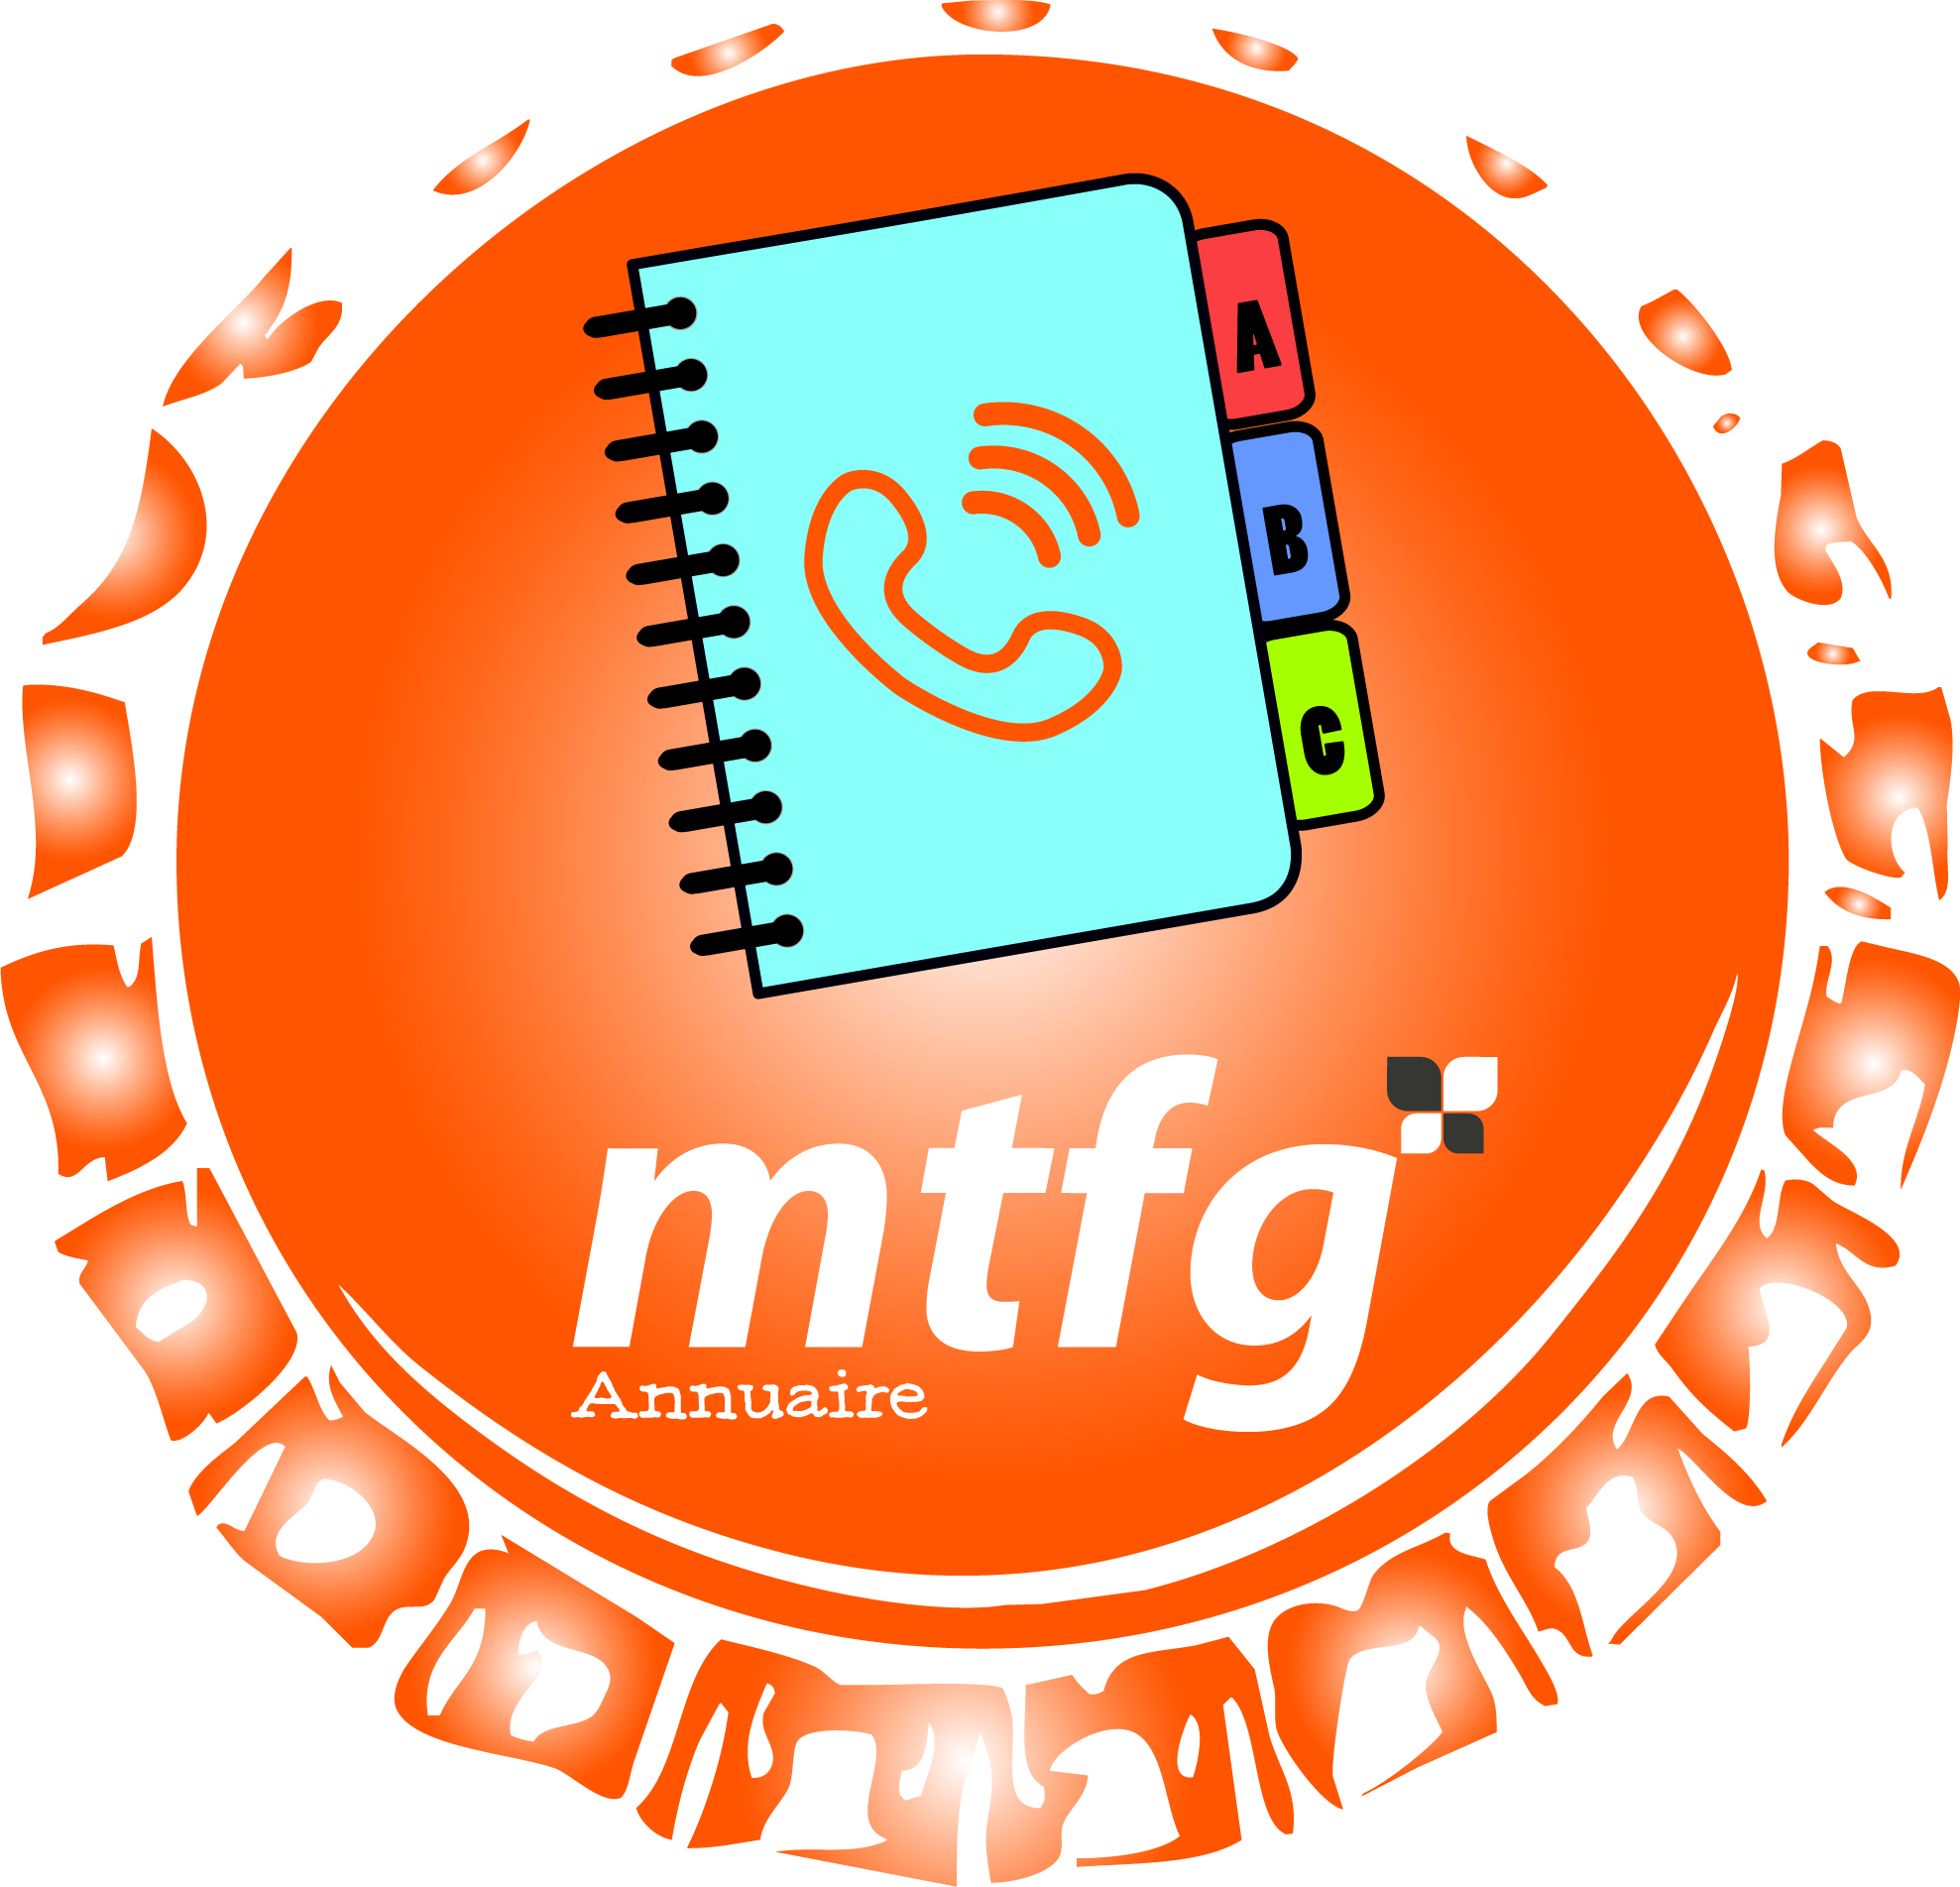 MTFG-Annuaire